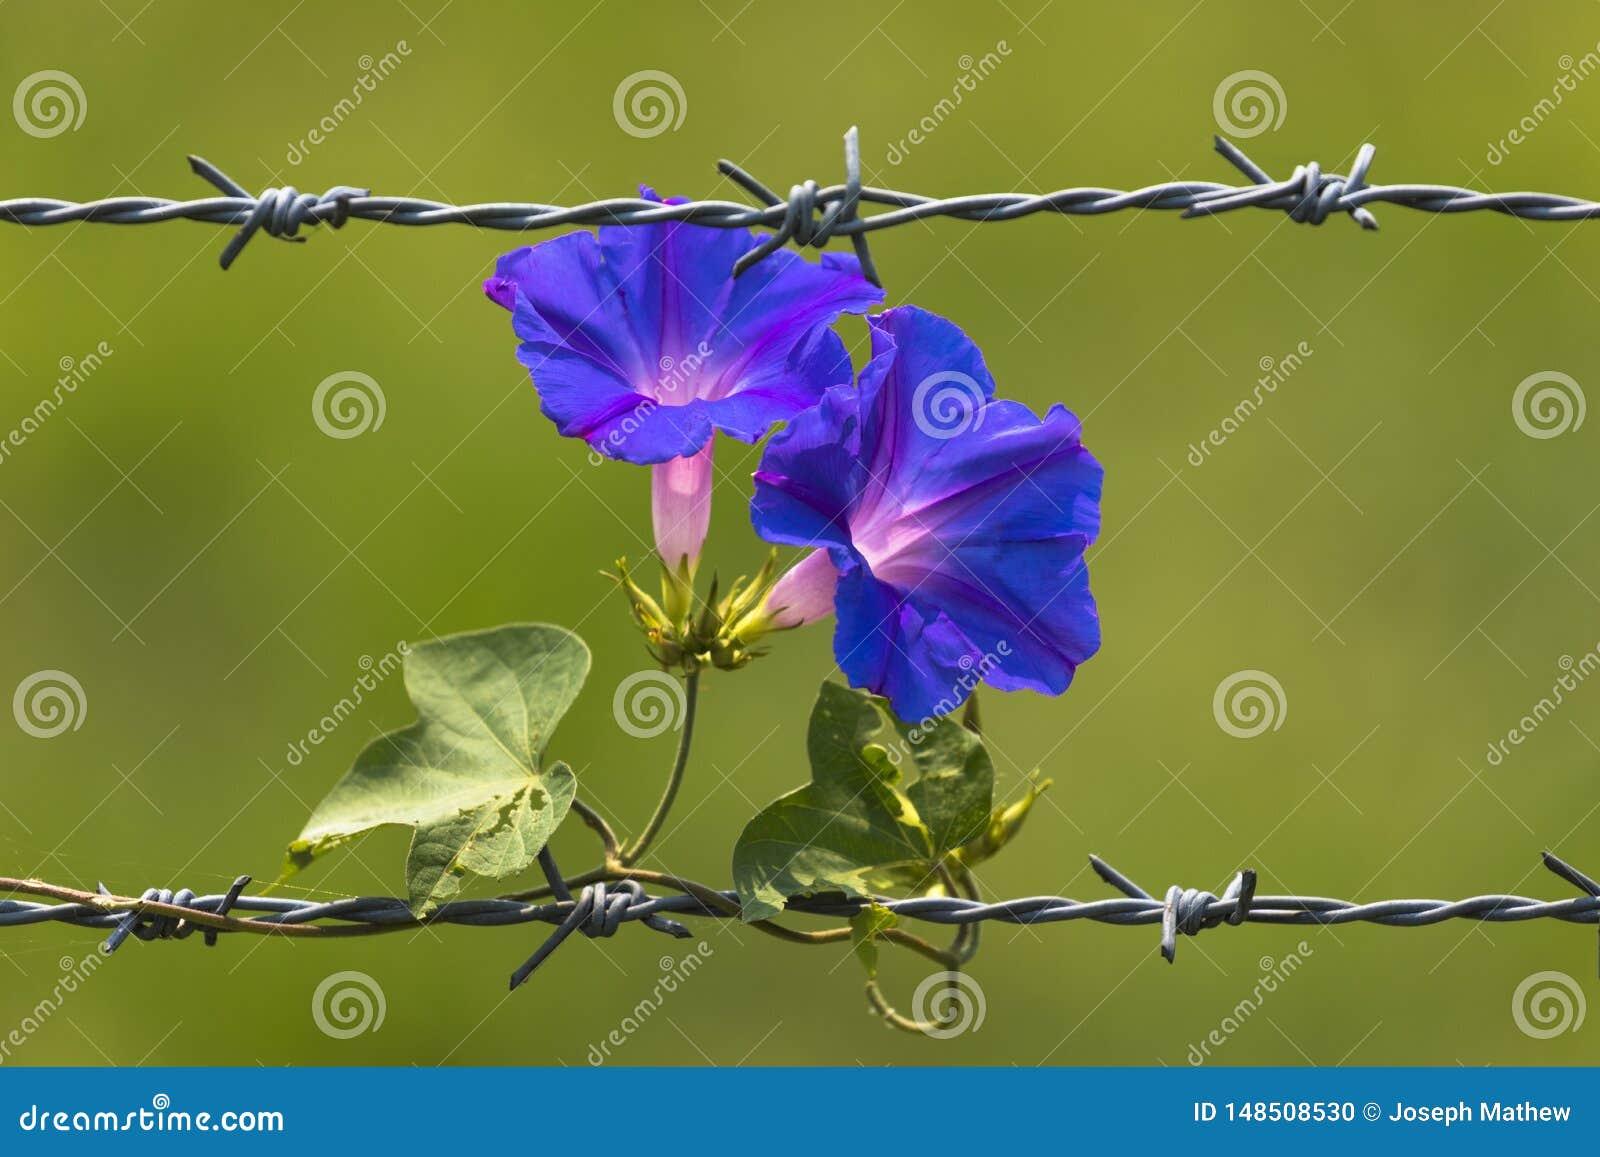 Mañana Glory Flowers que florece en el alambre de púas y el fondo borroso